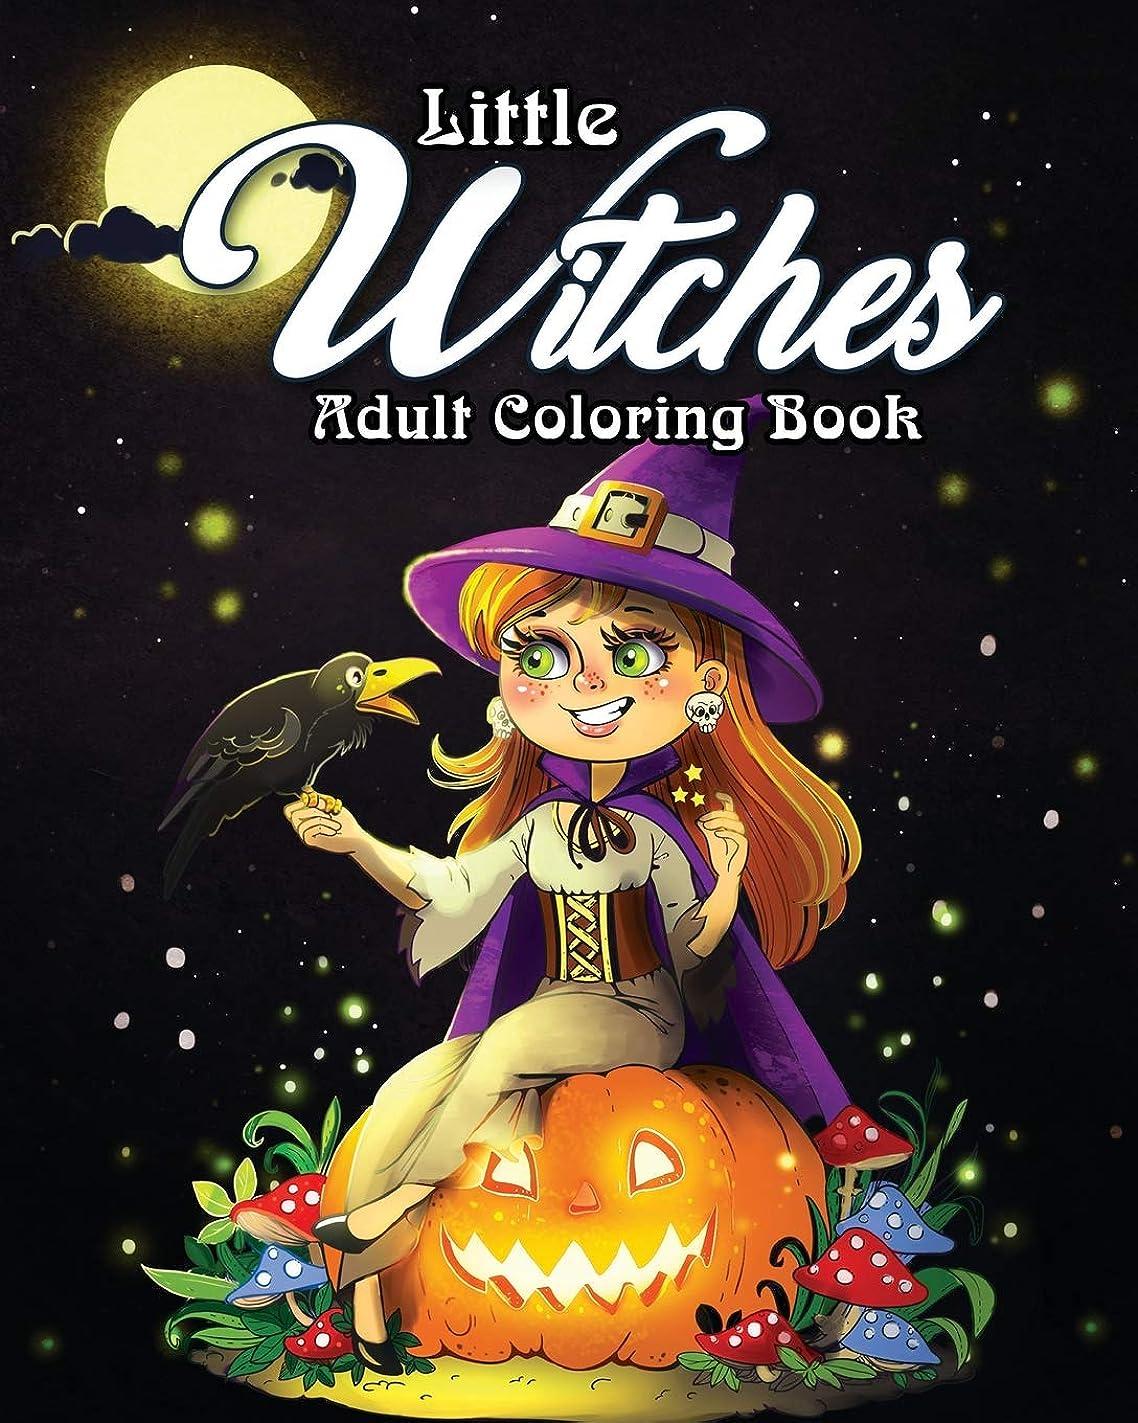 モトリーパフ特殊Little Witches Adult Coloring Book: A Coloring Book for Adults Featuring Adorable Little Witches for Hours of Fun, Stress Relief and Relaxation